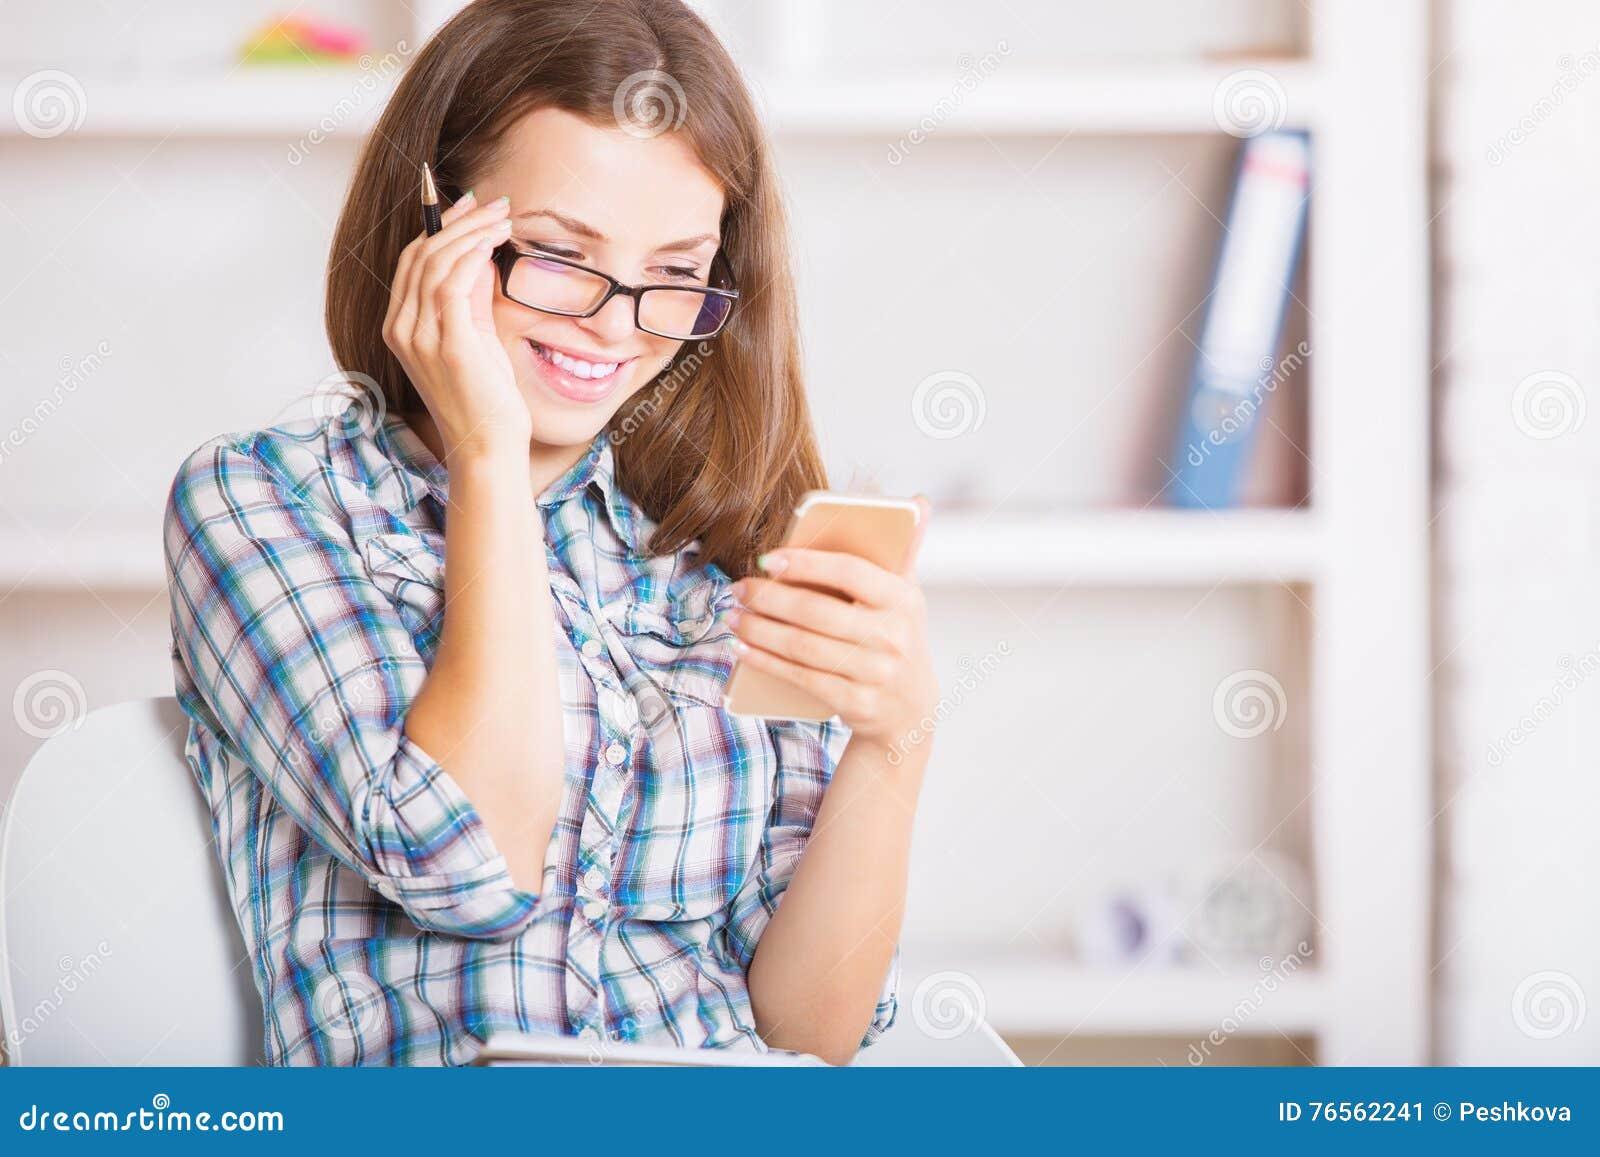 Empresaria sonriente Using Cellphone